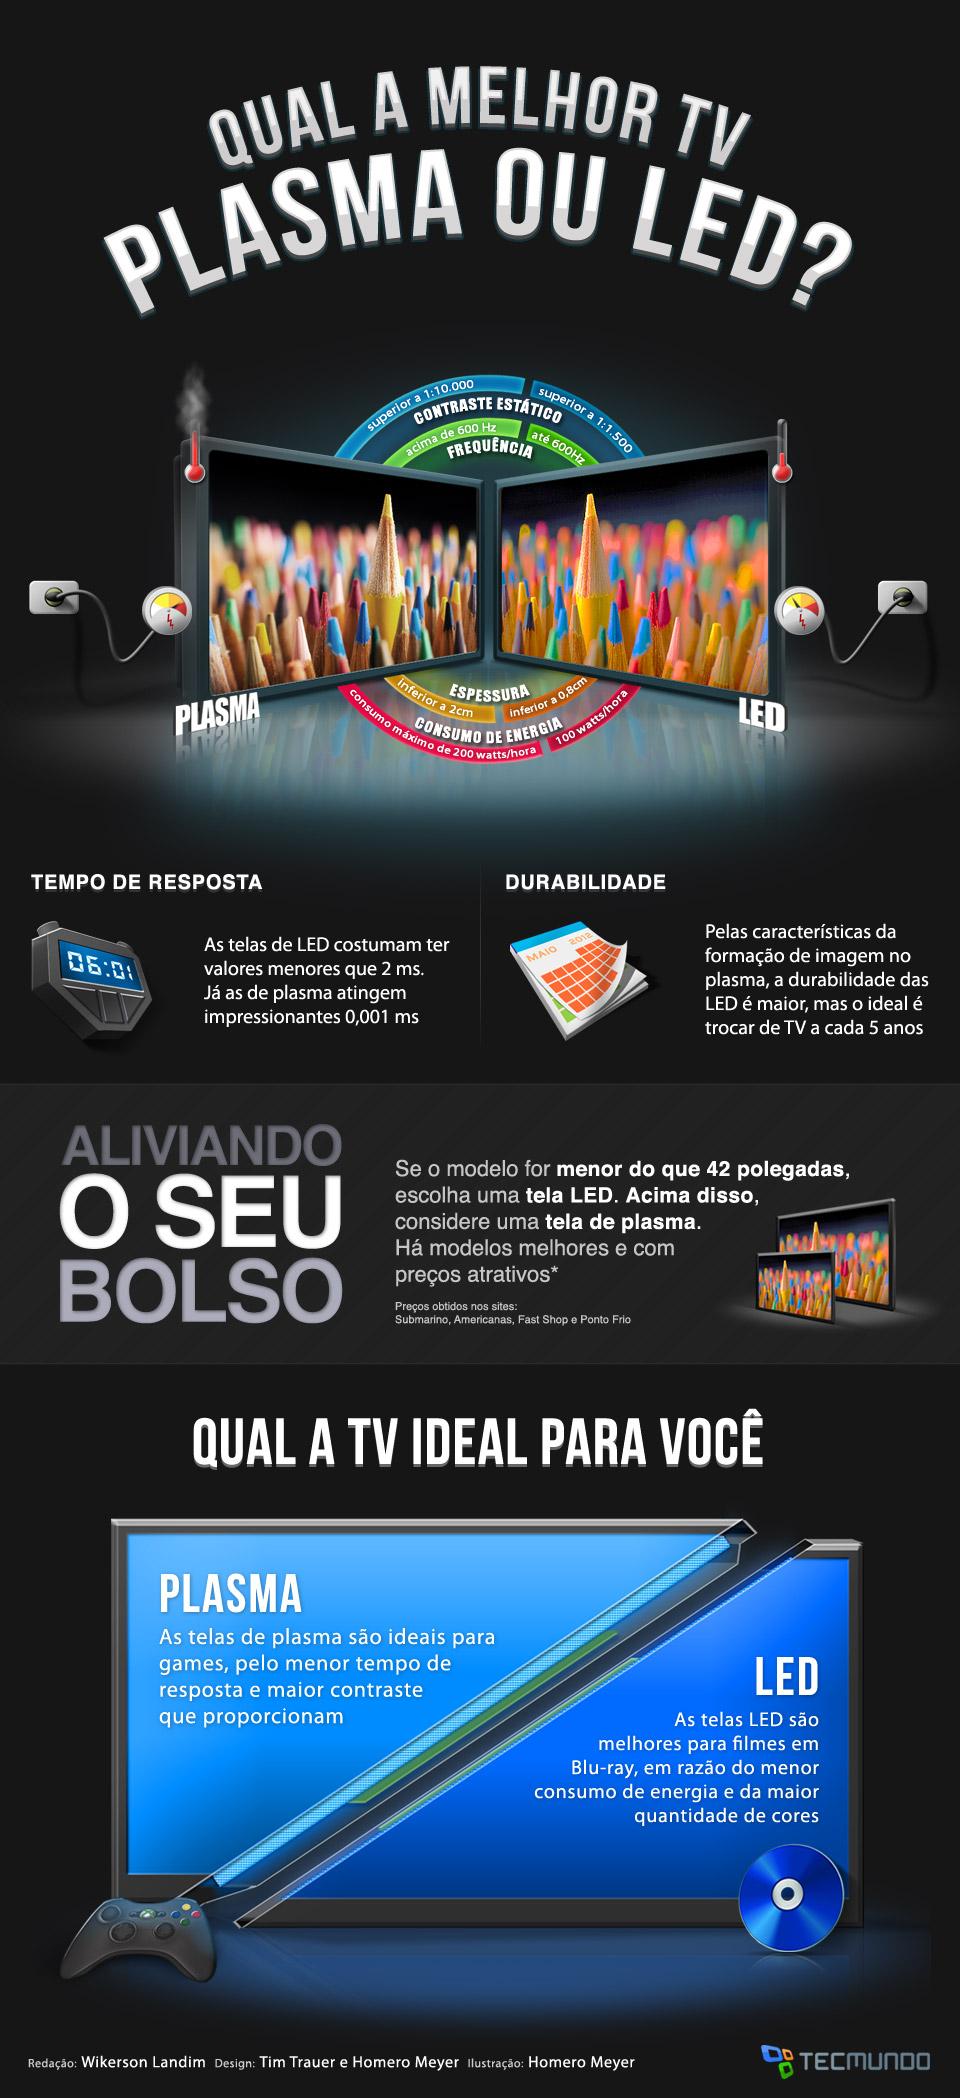 Qual a melhor TV: plasma ou LED? [infográfico]